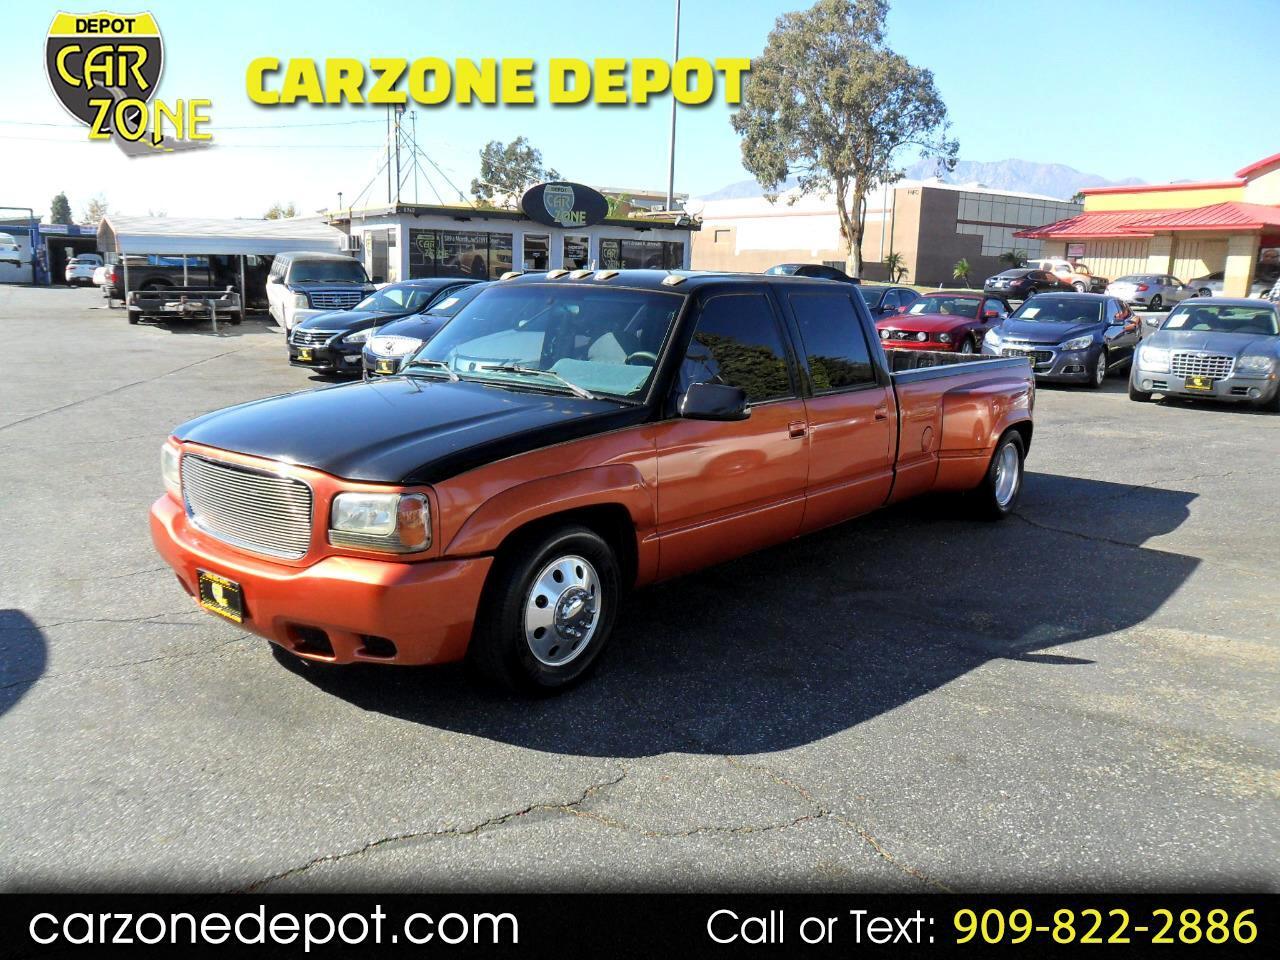 1994 Chevrolet C/K 3500 Crew Cab 2WD